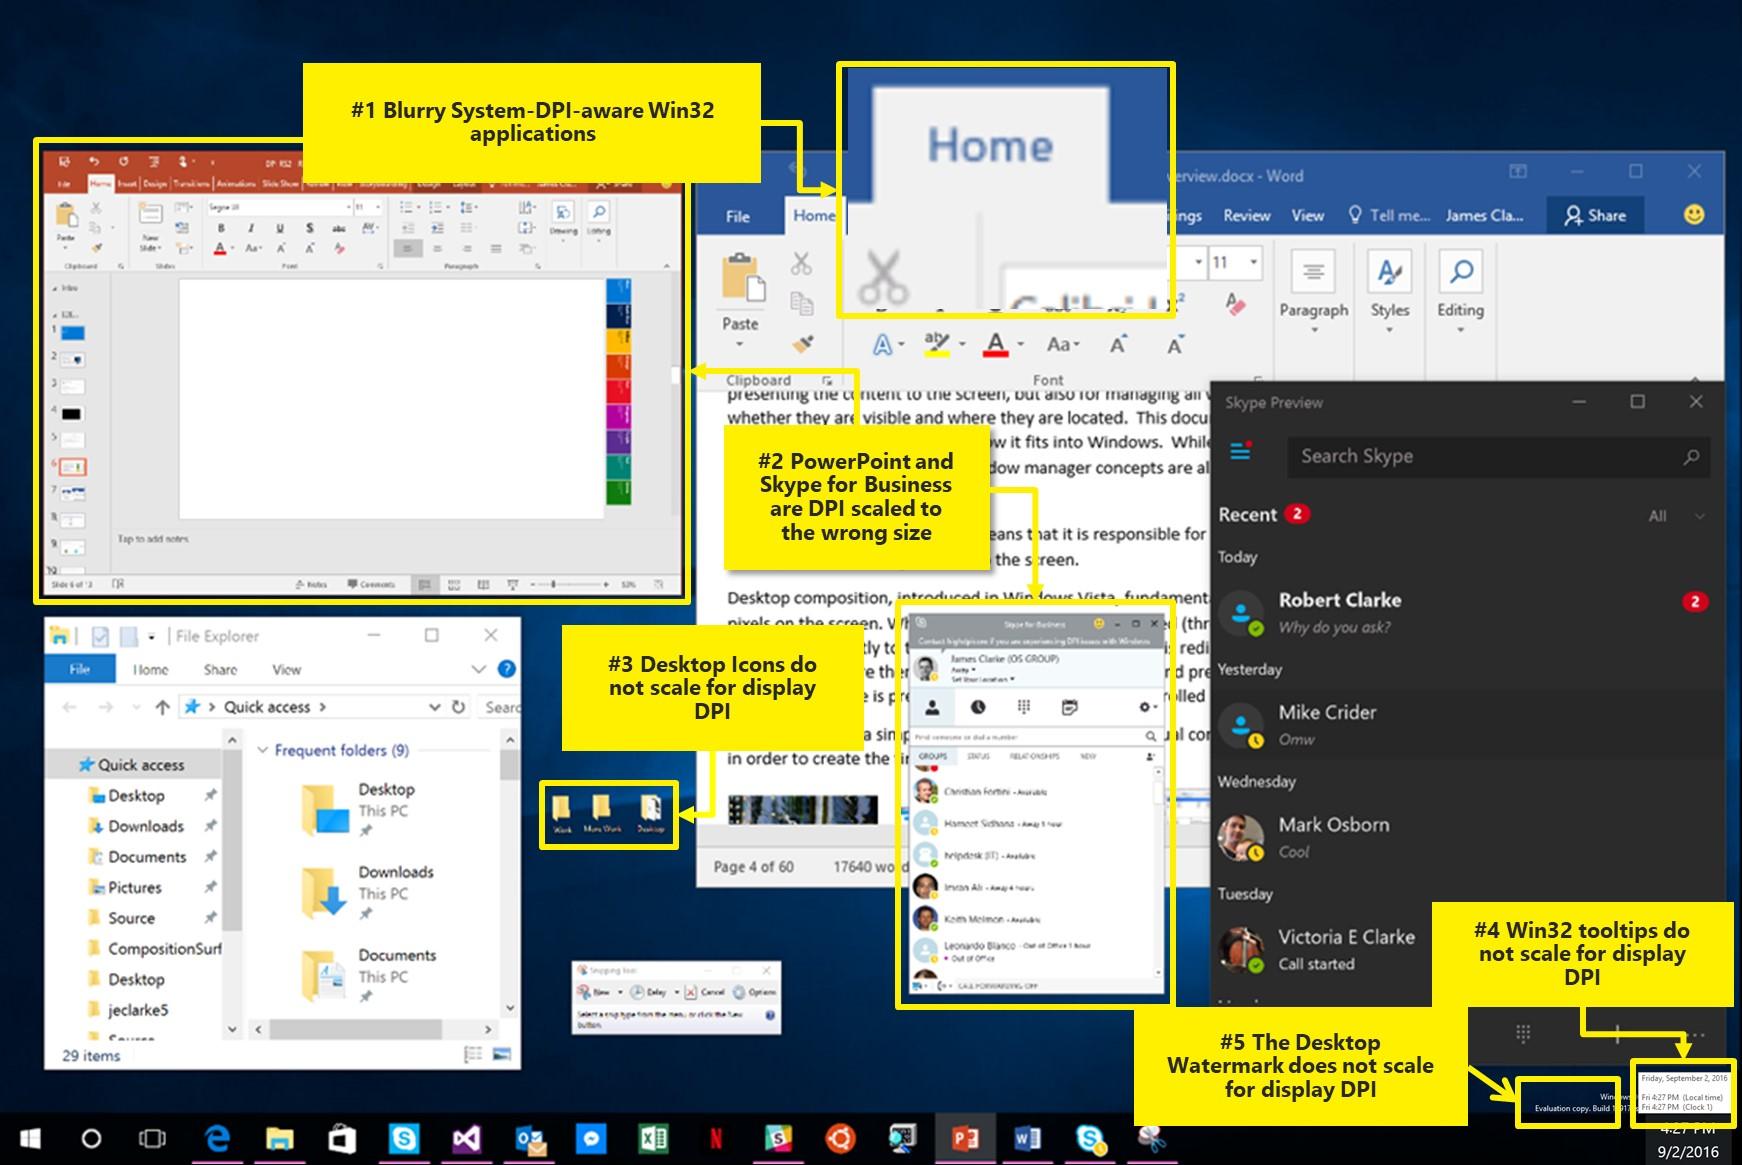 微软在Windows 10创意者更新中继续改进混合模式DPI缩放